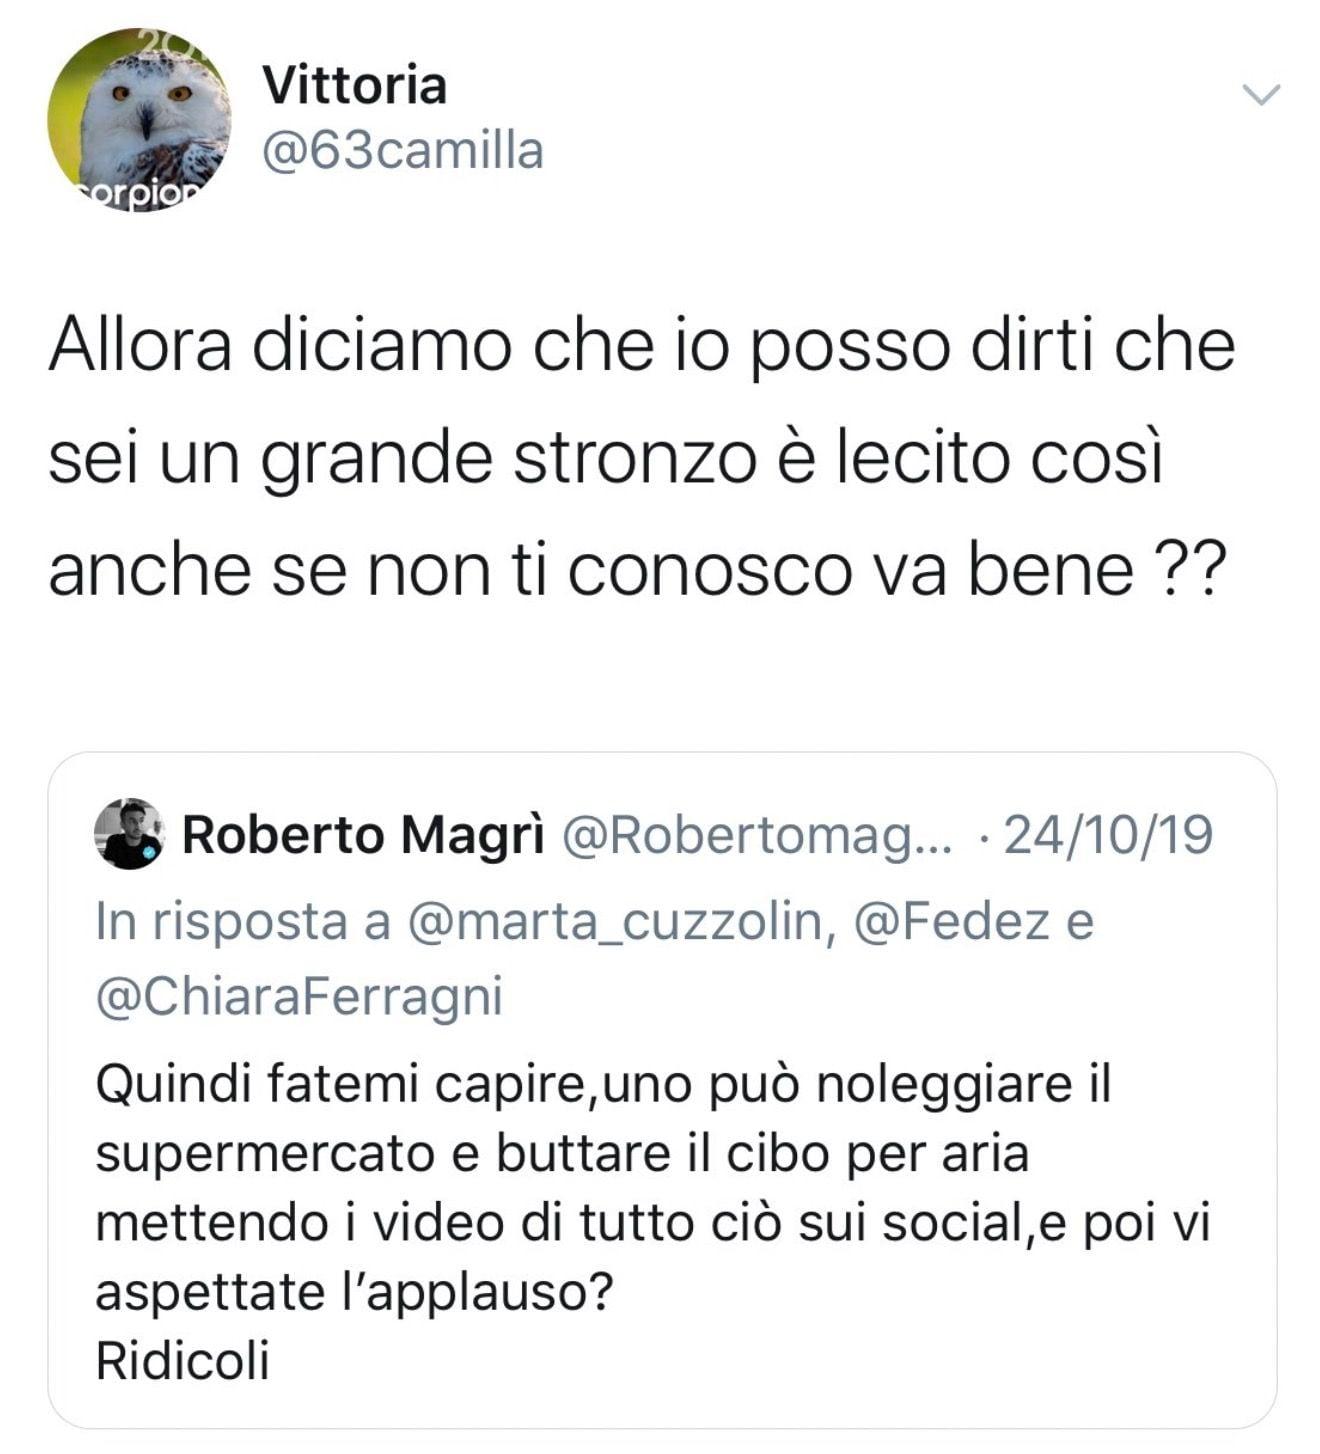 Fedez e Chiara Ferragni utilizzano un profilo fake per difendersi?